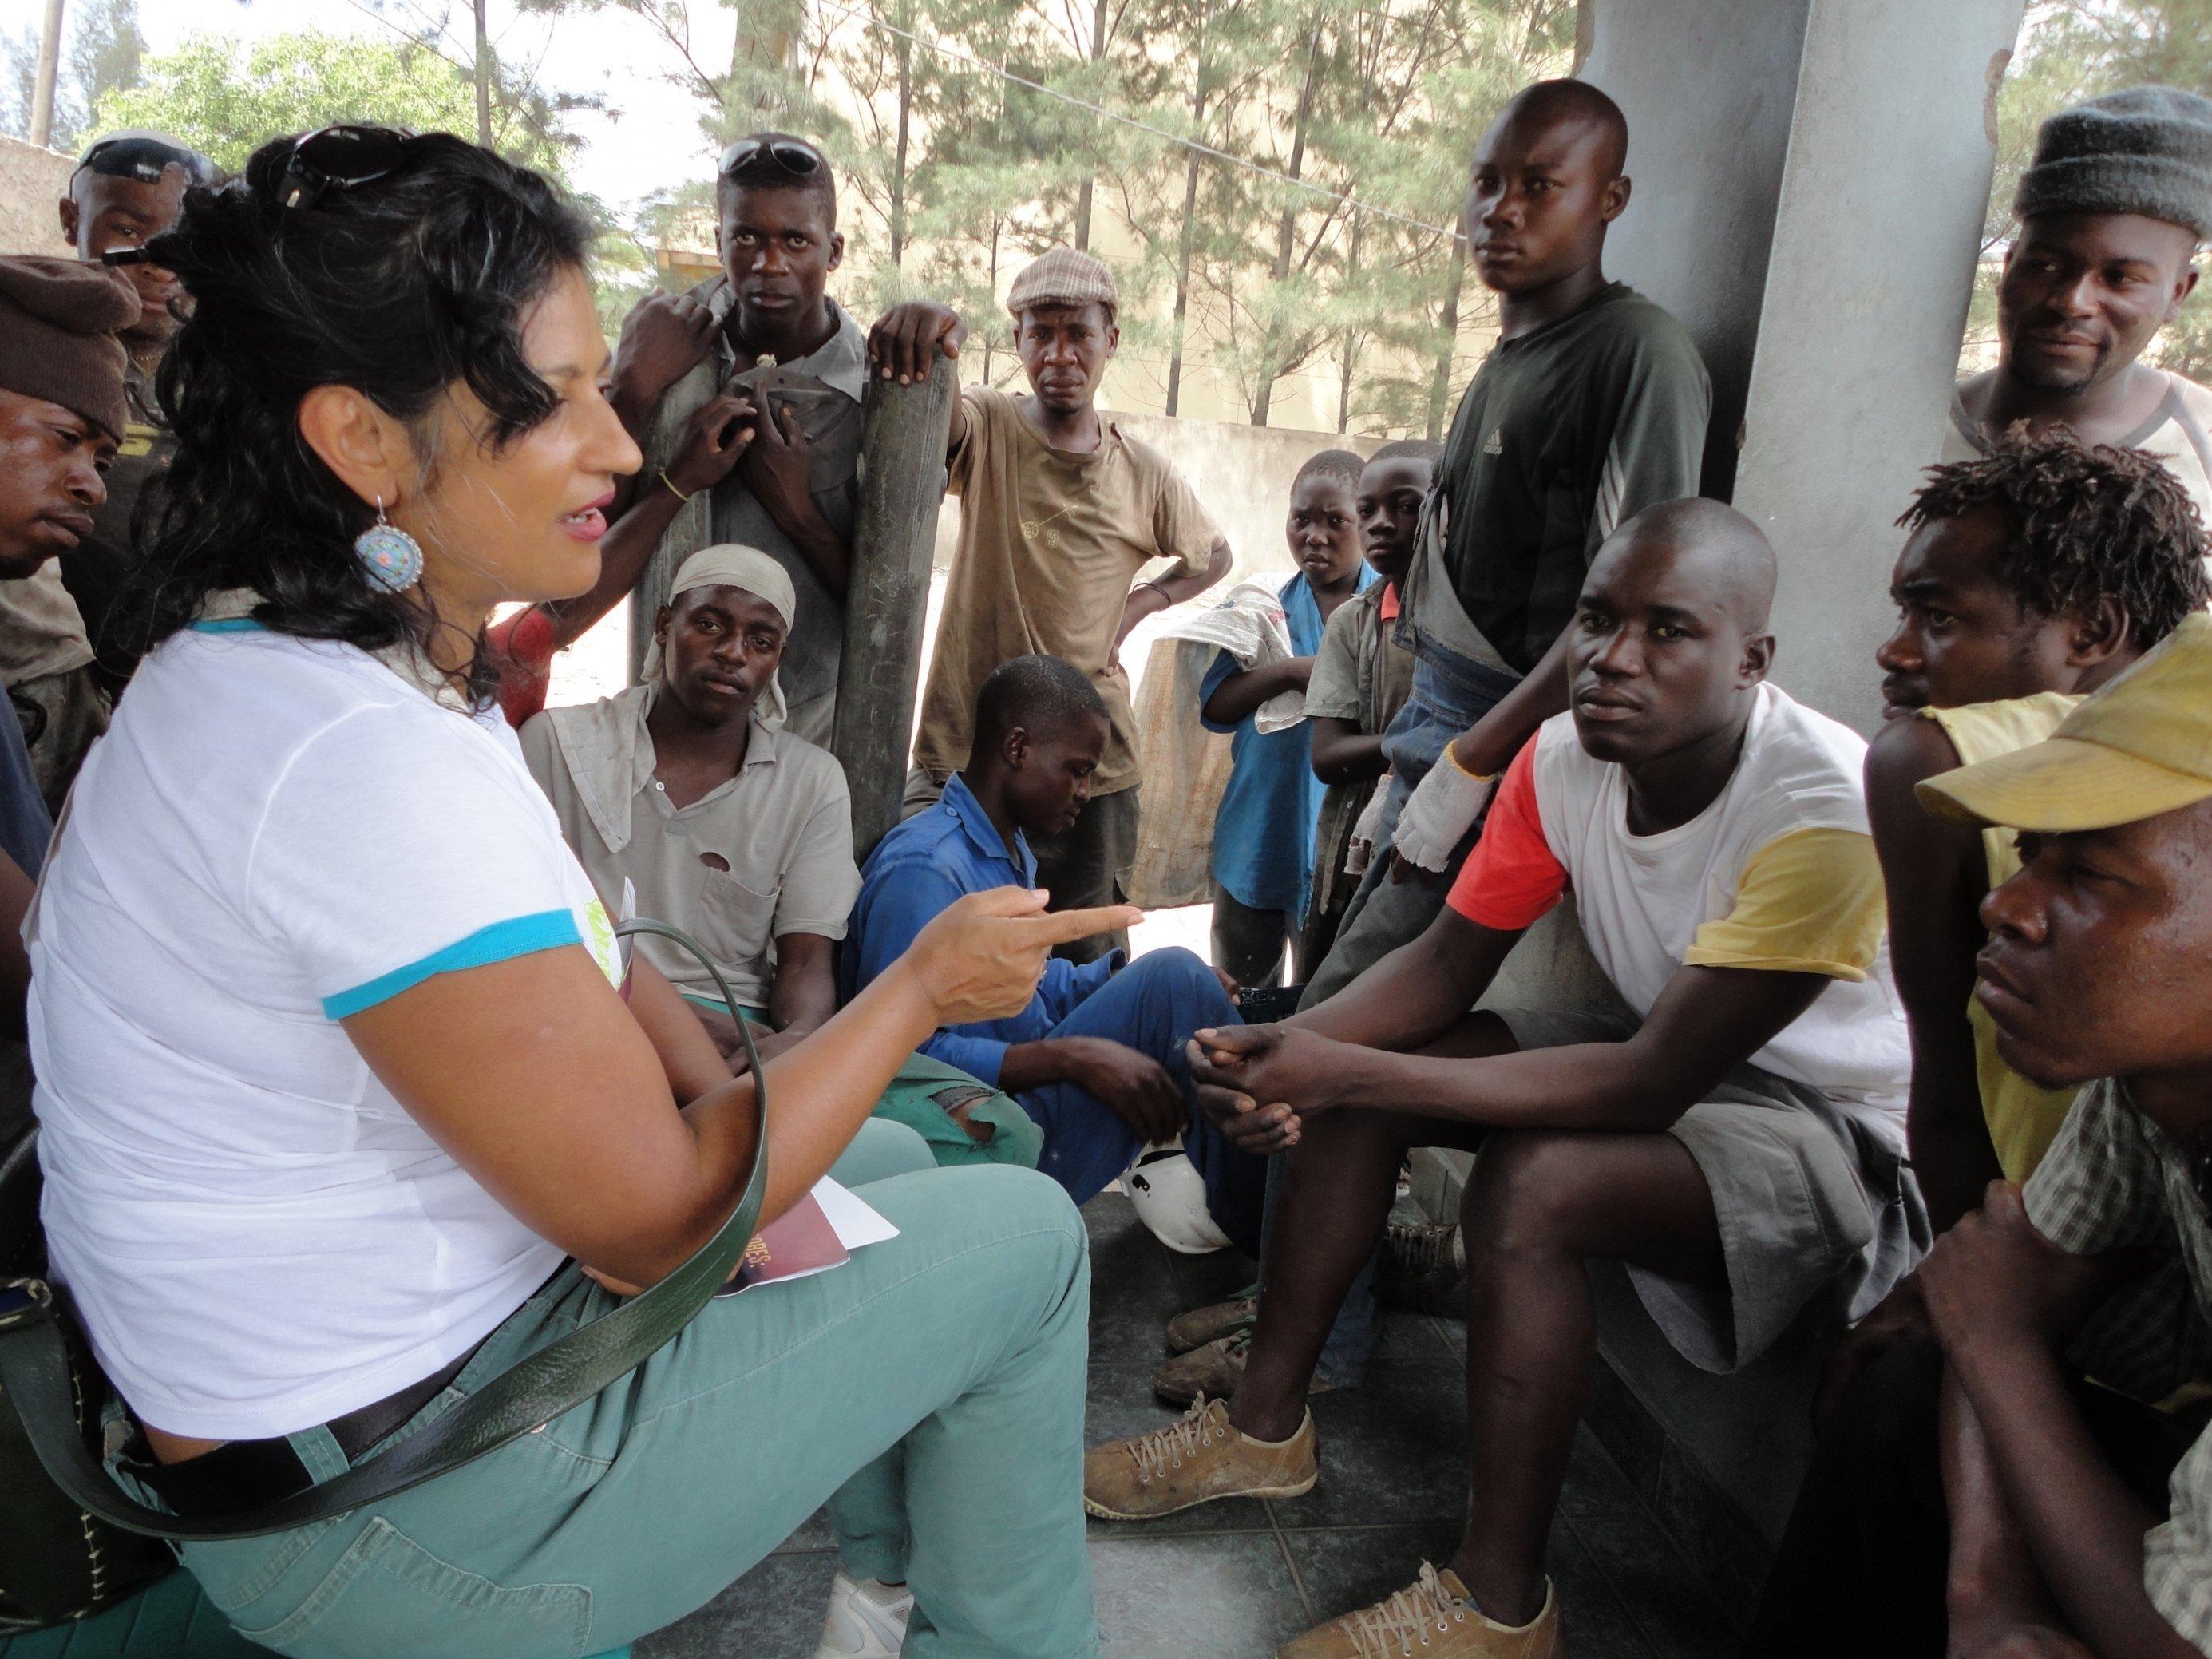 Soziologin Sonia Maria Dias sitzt vor einer Männergruppe und redet zu ihnen.